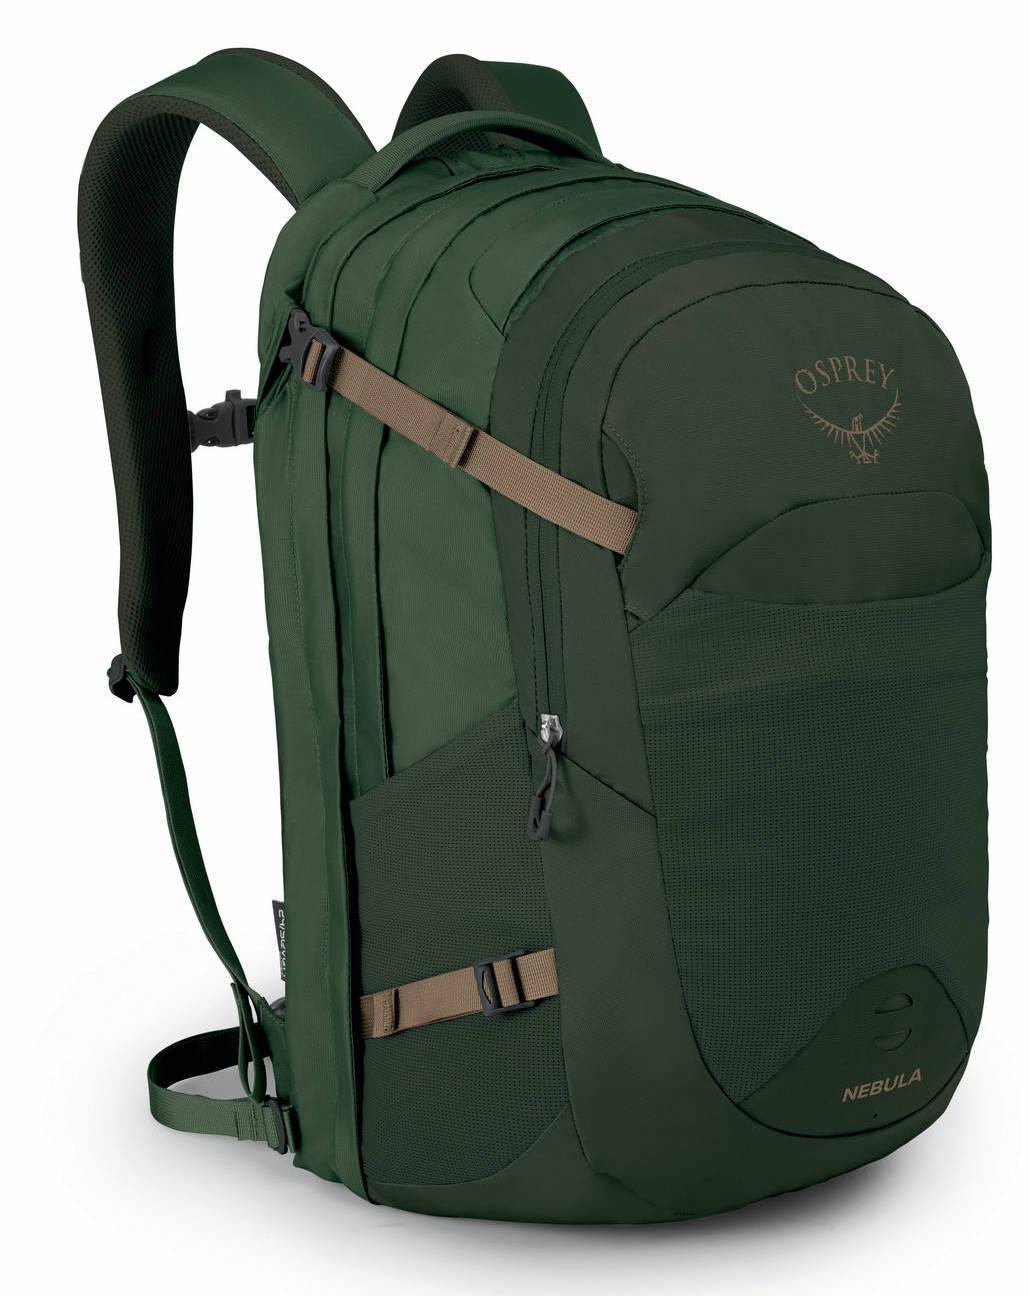 Городские рюкзаки Рюкзак Osprey Nebula 34 Gopher Green Nebula_F20_Side_Gopher_Green_web.jpg